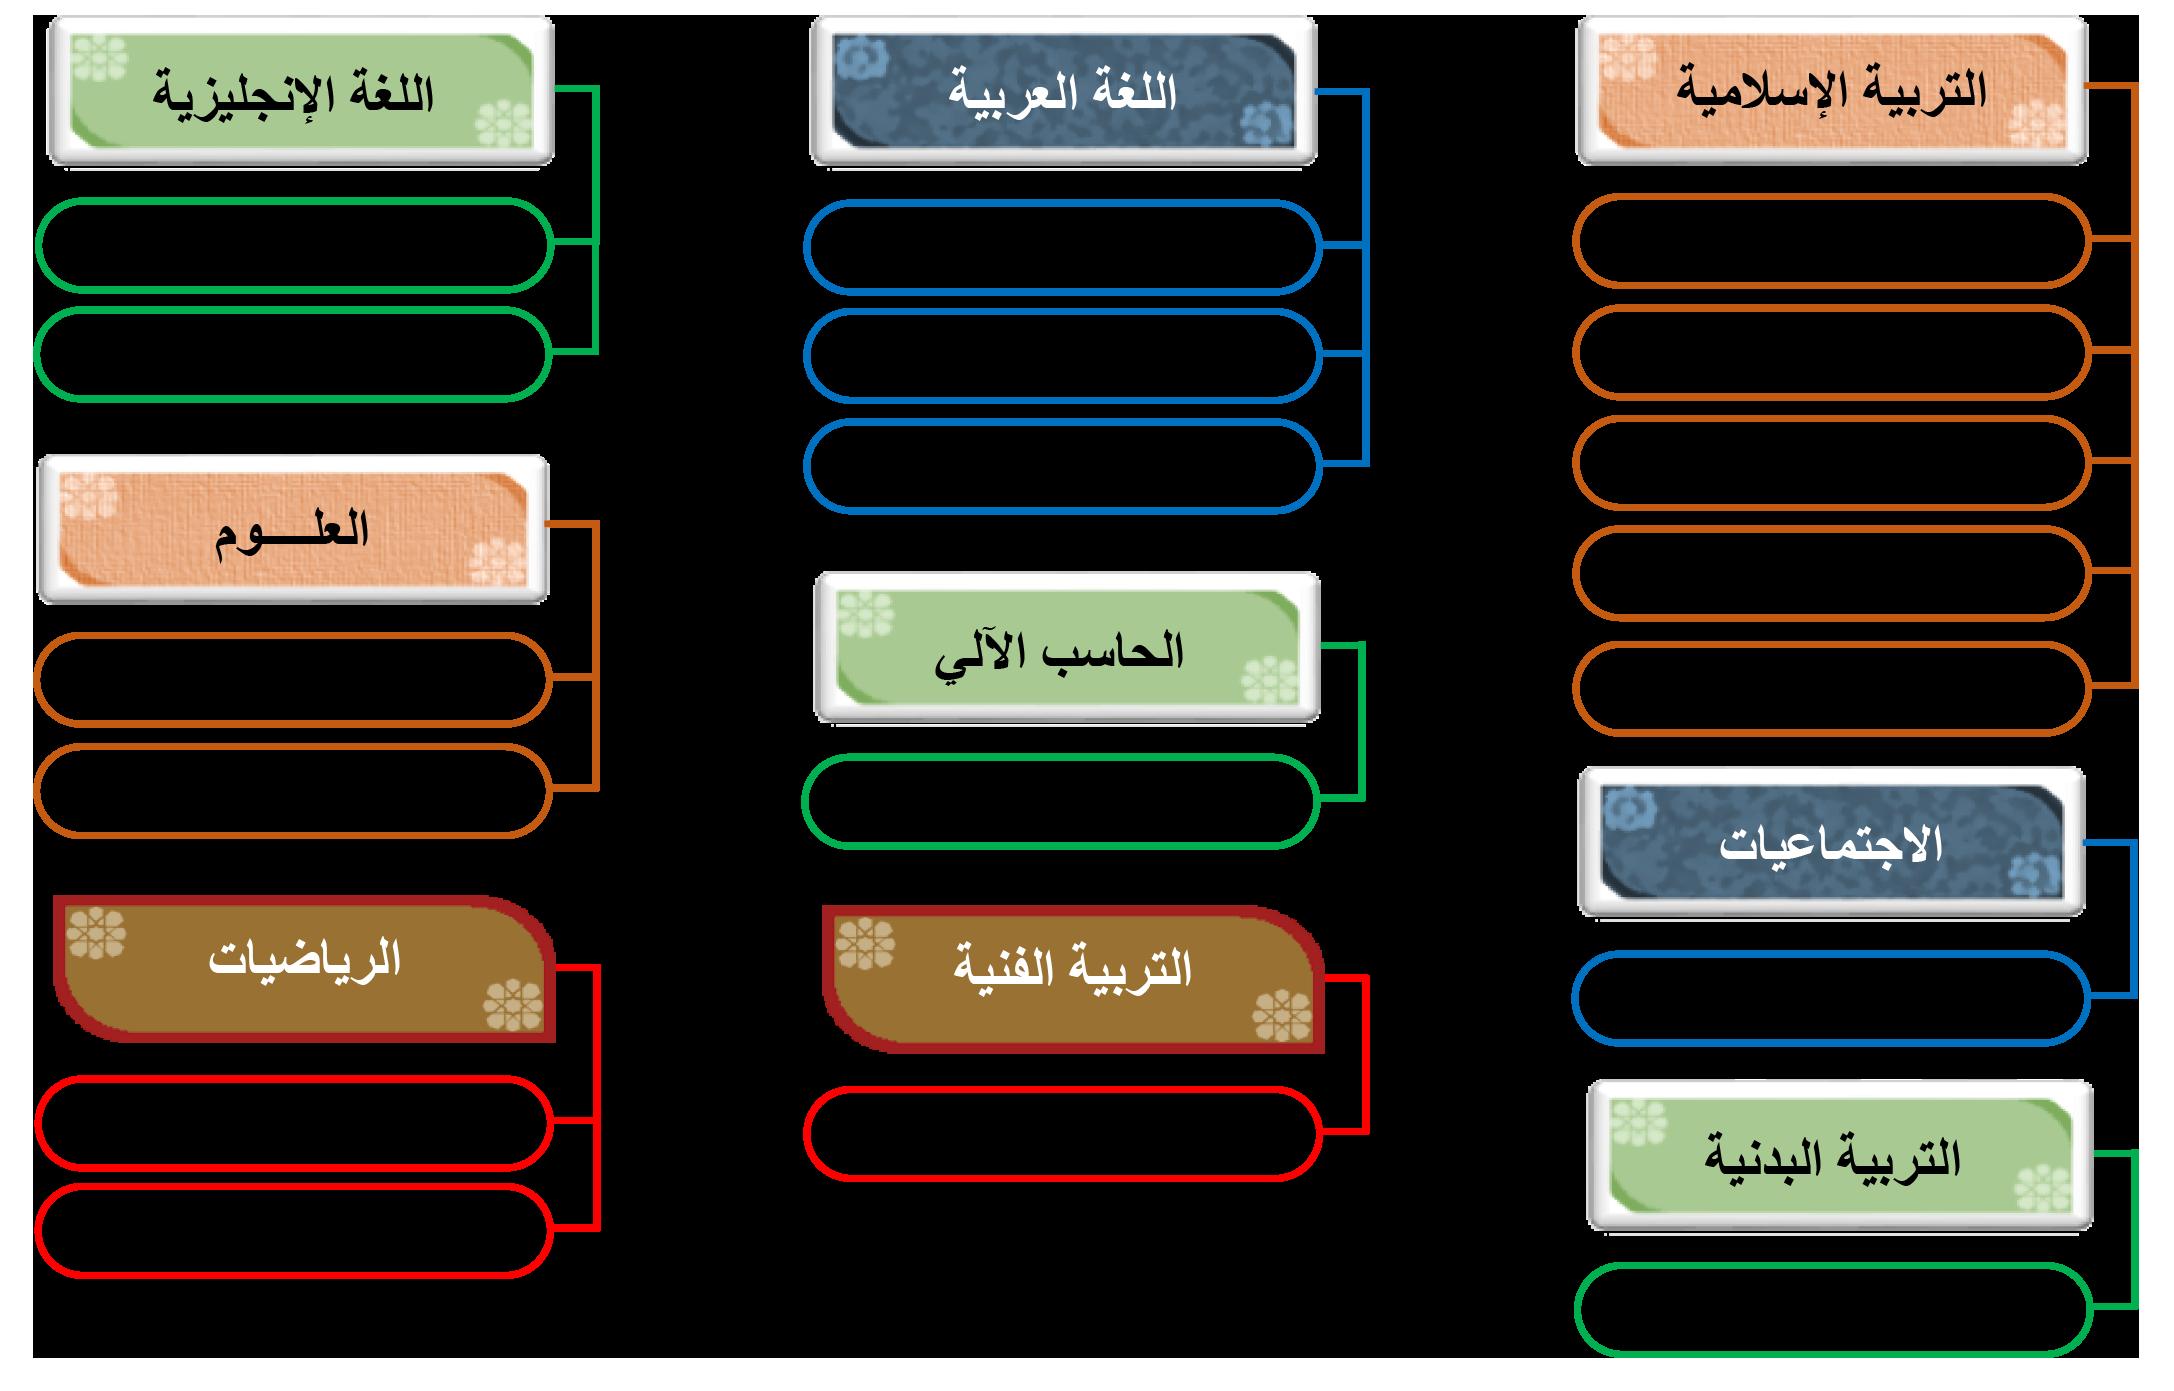 الهيئة التعليمية للقسم المتوسط بنين